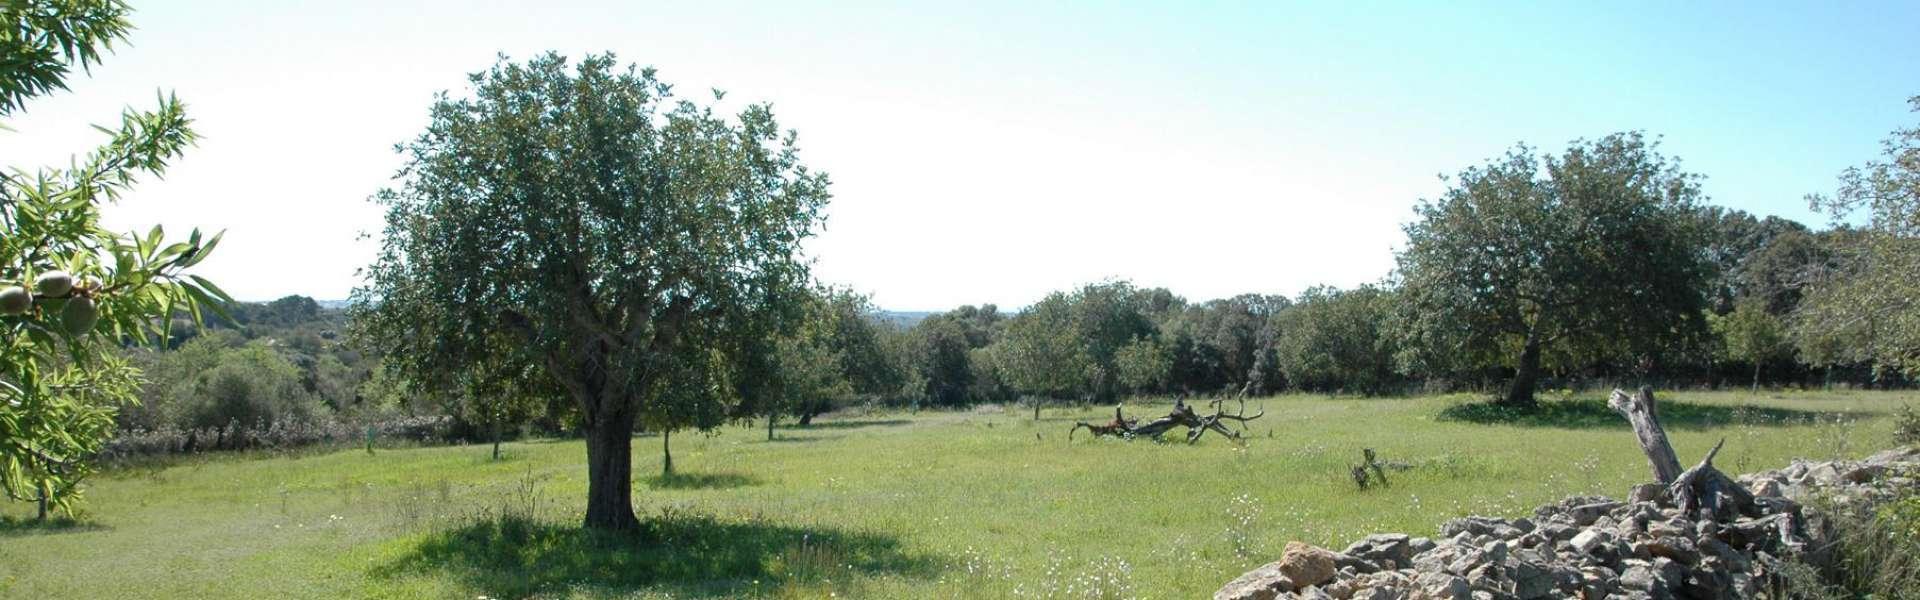 Meerblickbaugrundstück bei Alqueria Blanca